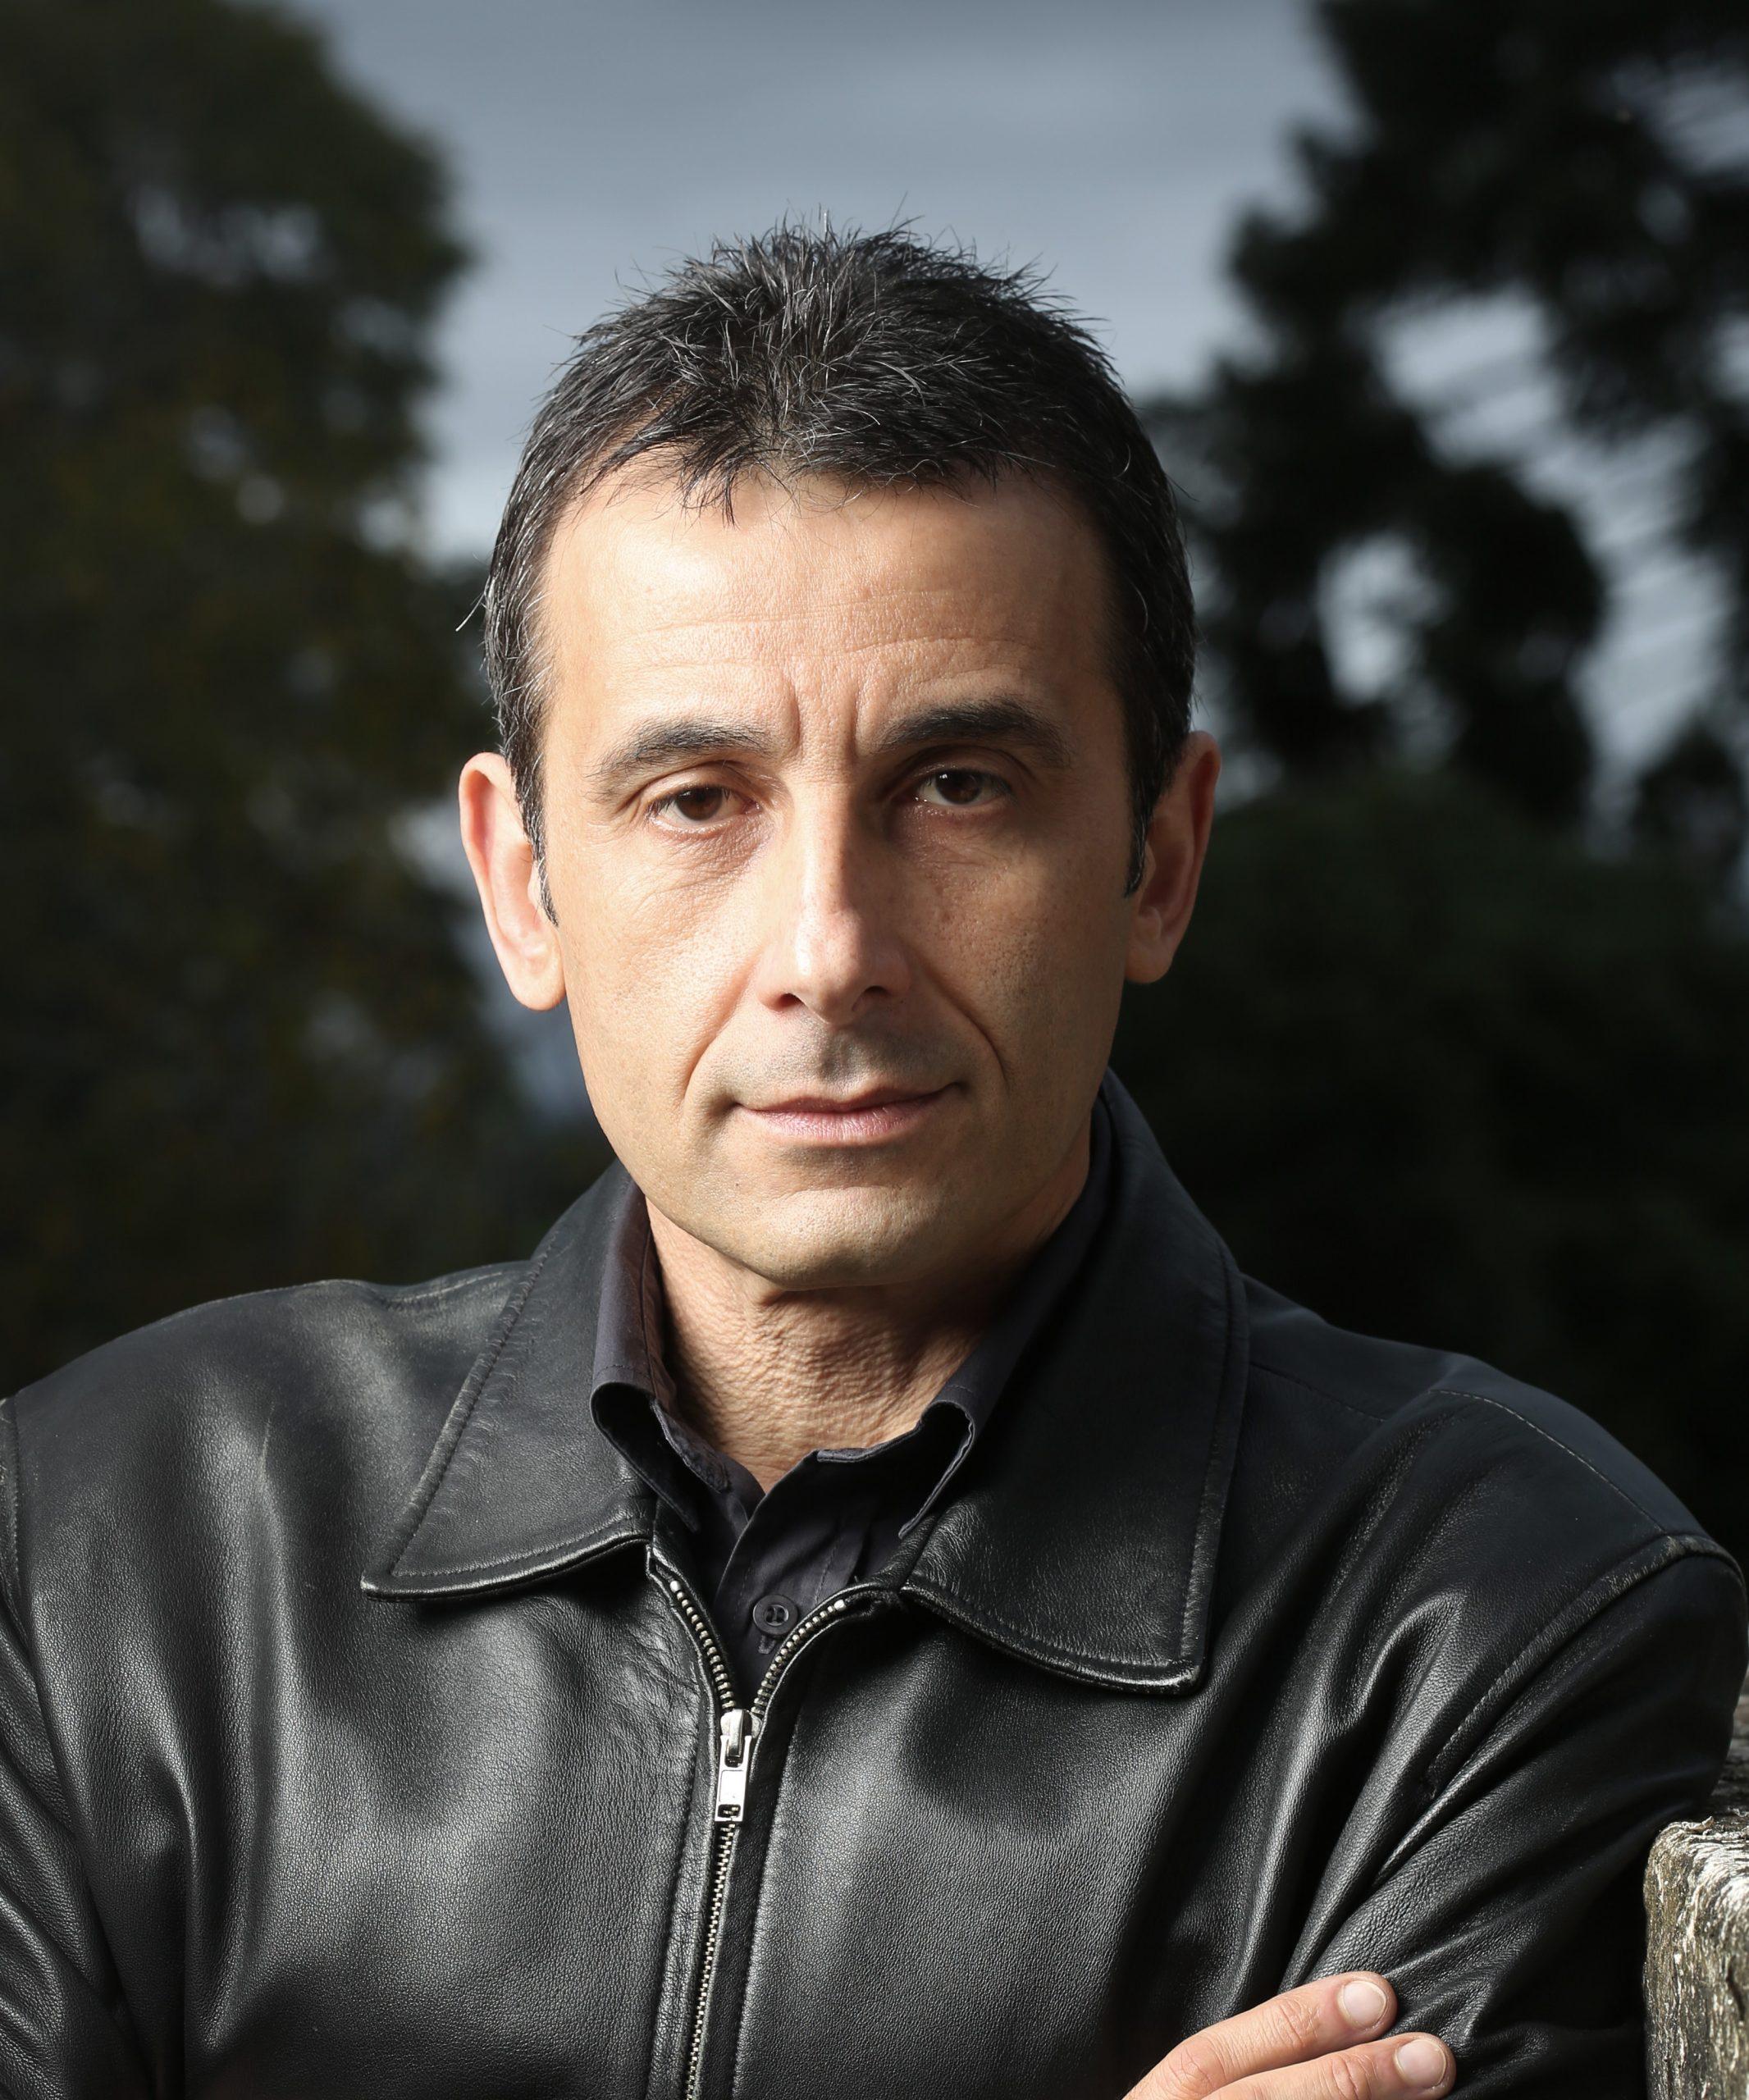 A quick interview with Venero Armanno